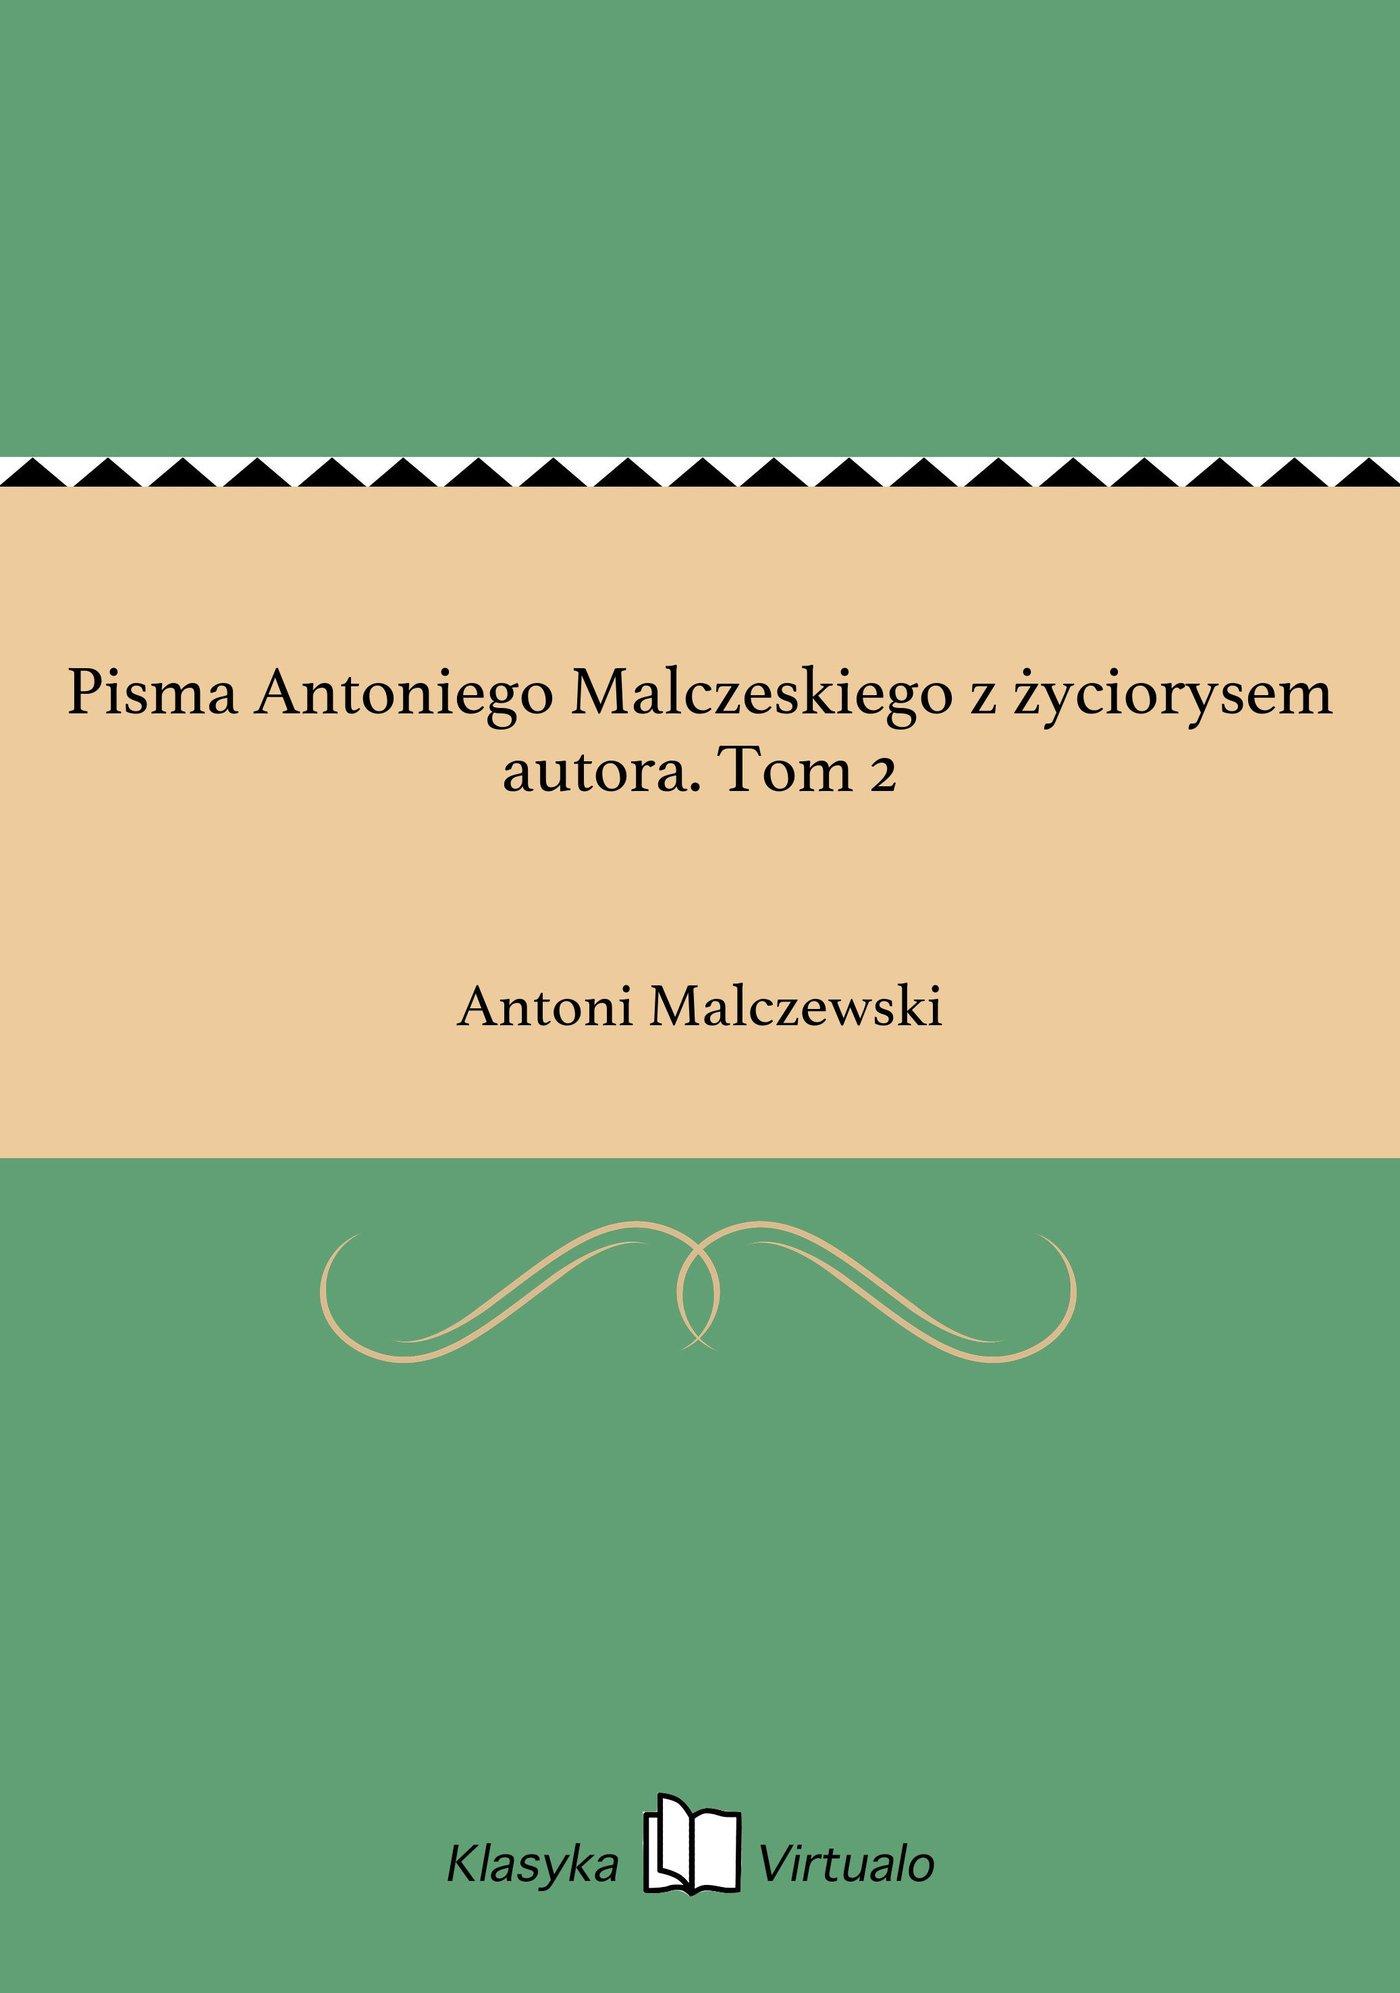 Pisma Antoniego Malczeskiego z życiorysem autora. Tom 2 - Ebook (Książka EPUB) do pobrania w formacie EPUB